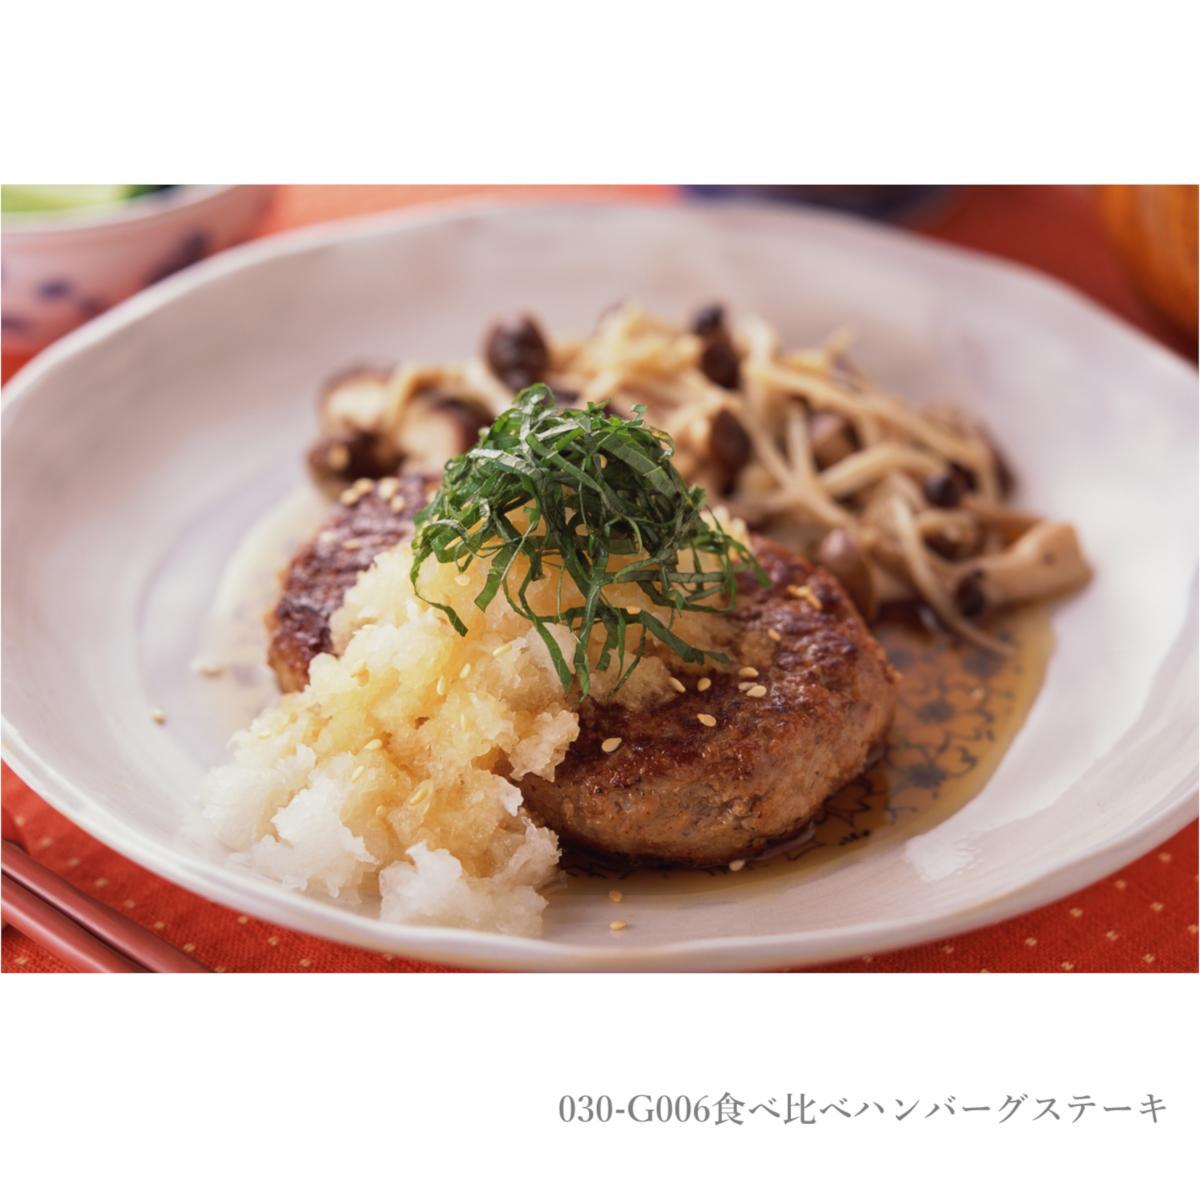 【ふるさと納税】米沢牛食べ比べハンバーグステーキ_米沢牛_ハンバーグ_食べ比べ_登起波